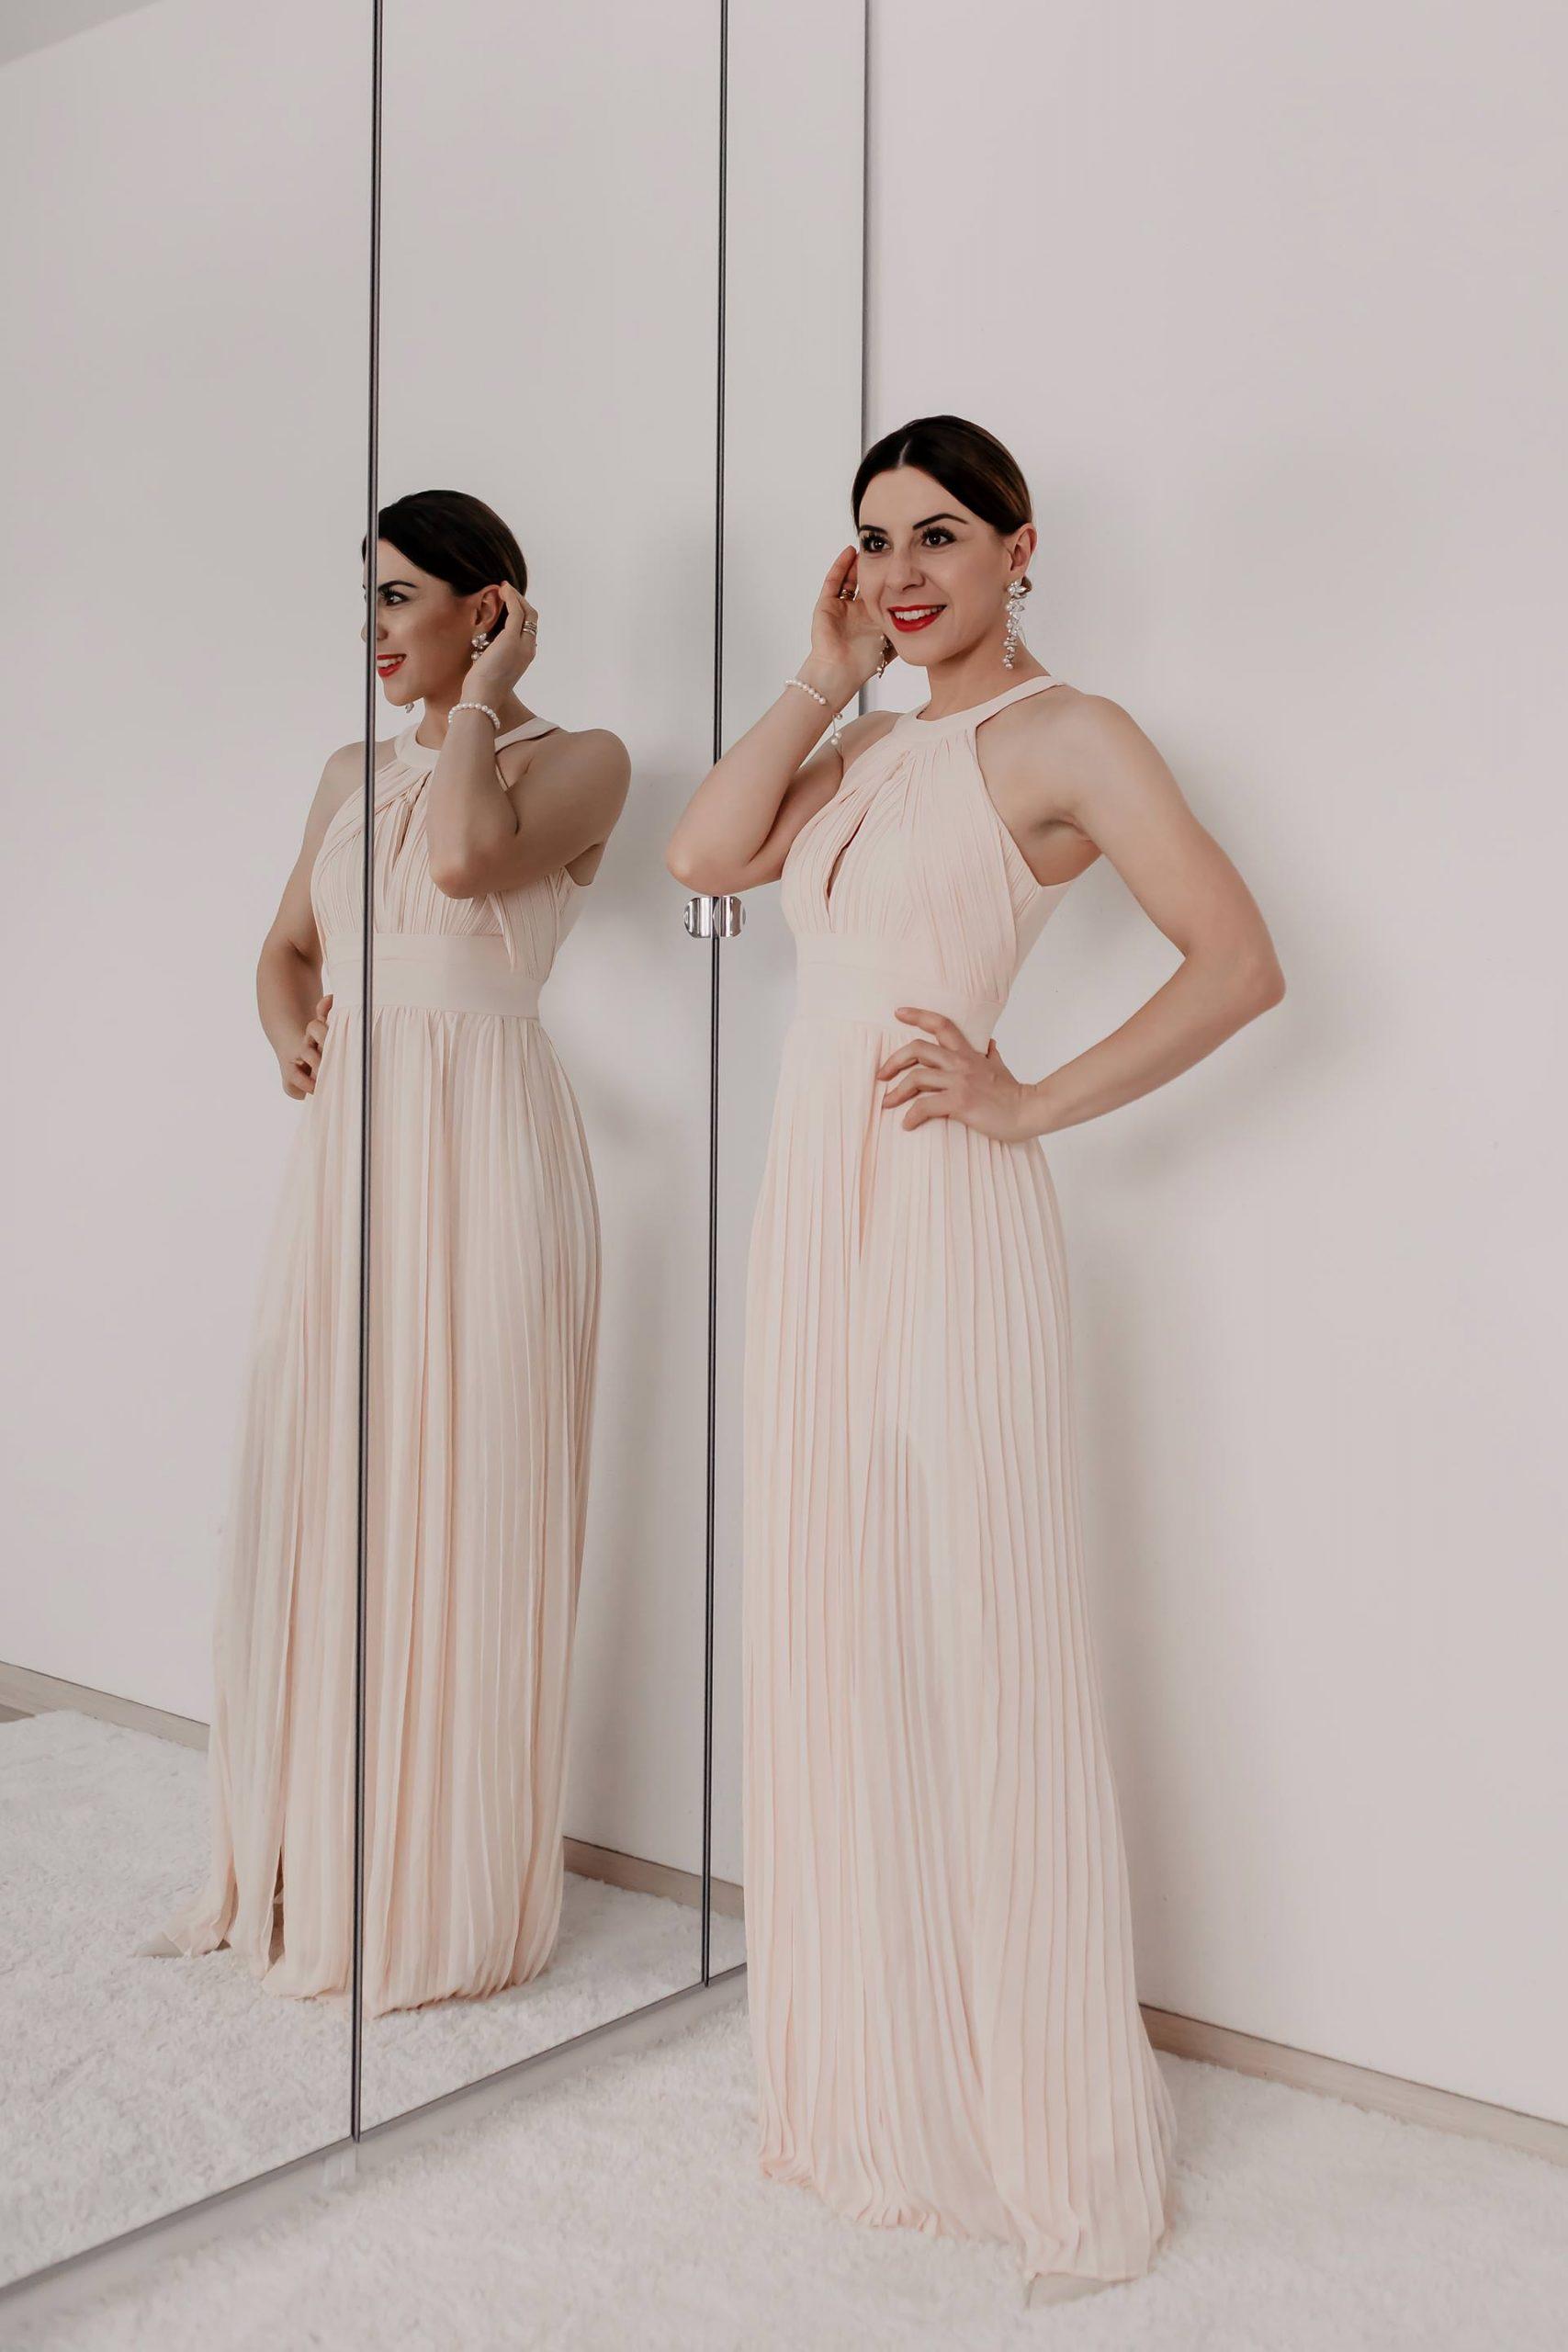 Designer Luxus Abendkleid Figurbetont Galerie Erstaunlich Abendkleid Figurbetont Bester Preis